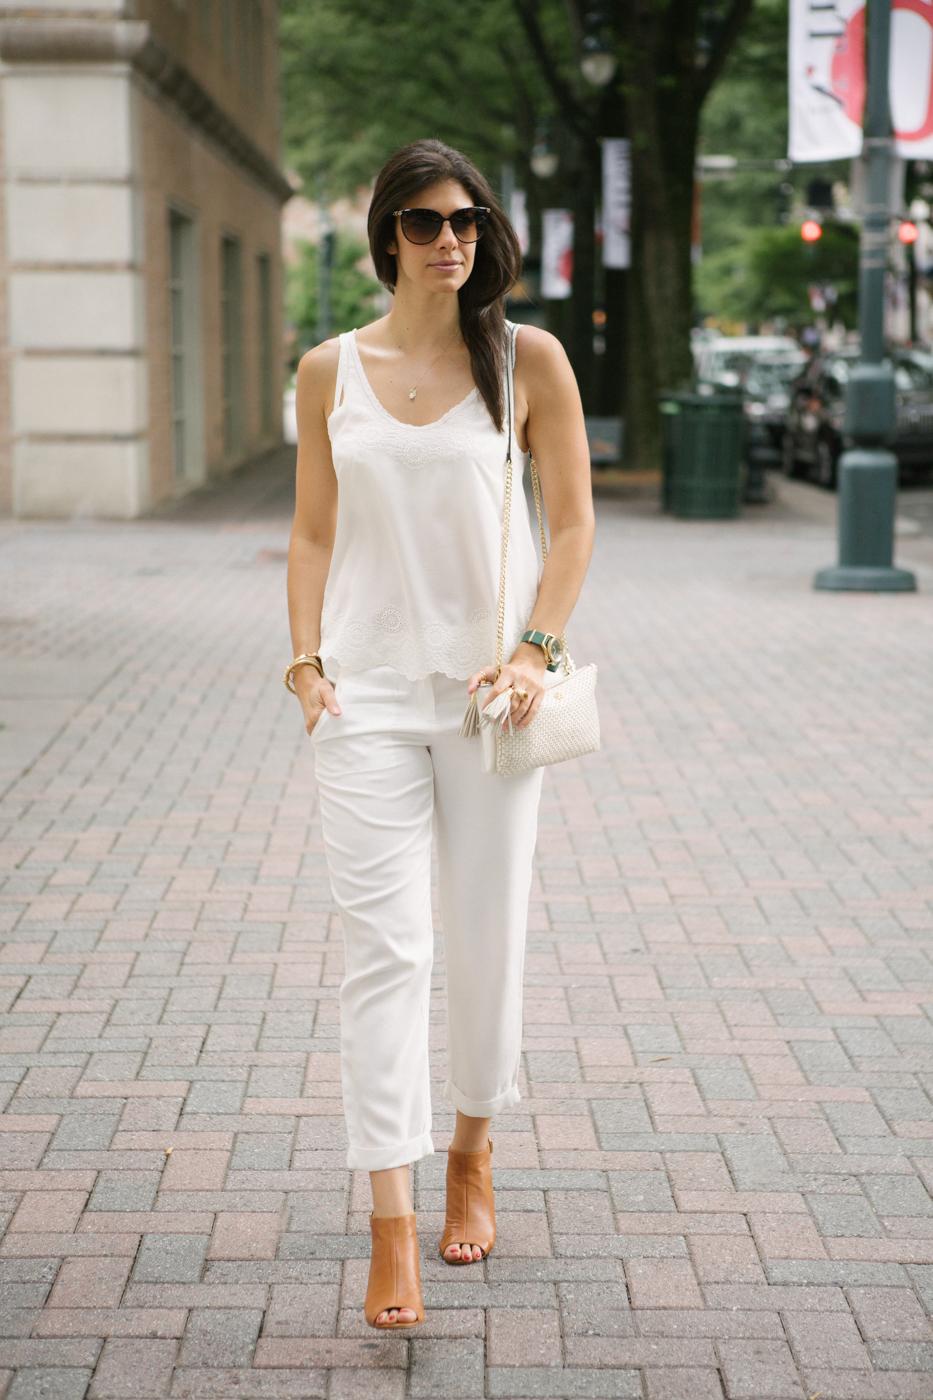 lauren-schwaiger-street-style-chic-white-one-white.jpg